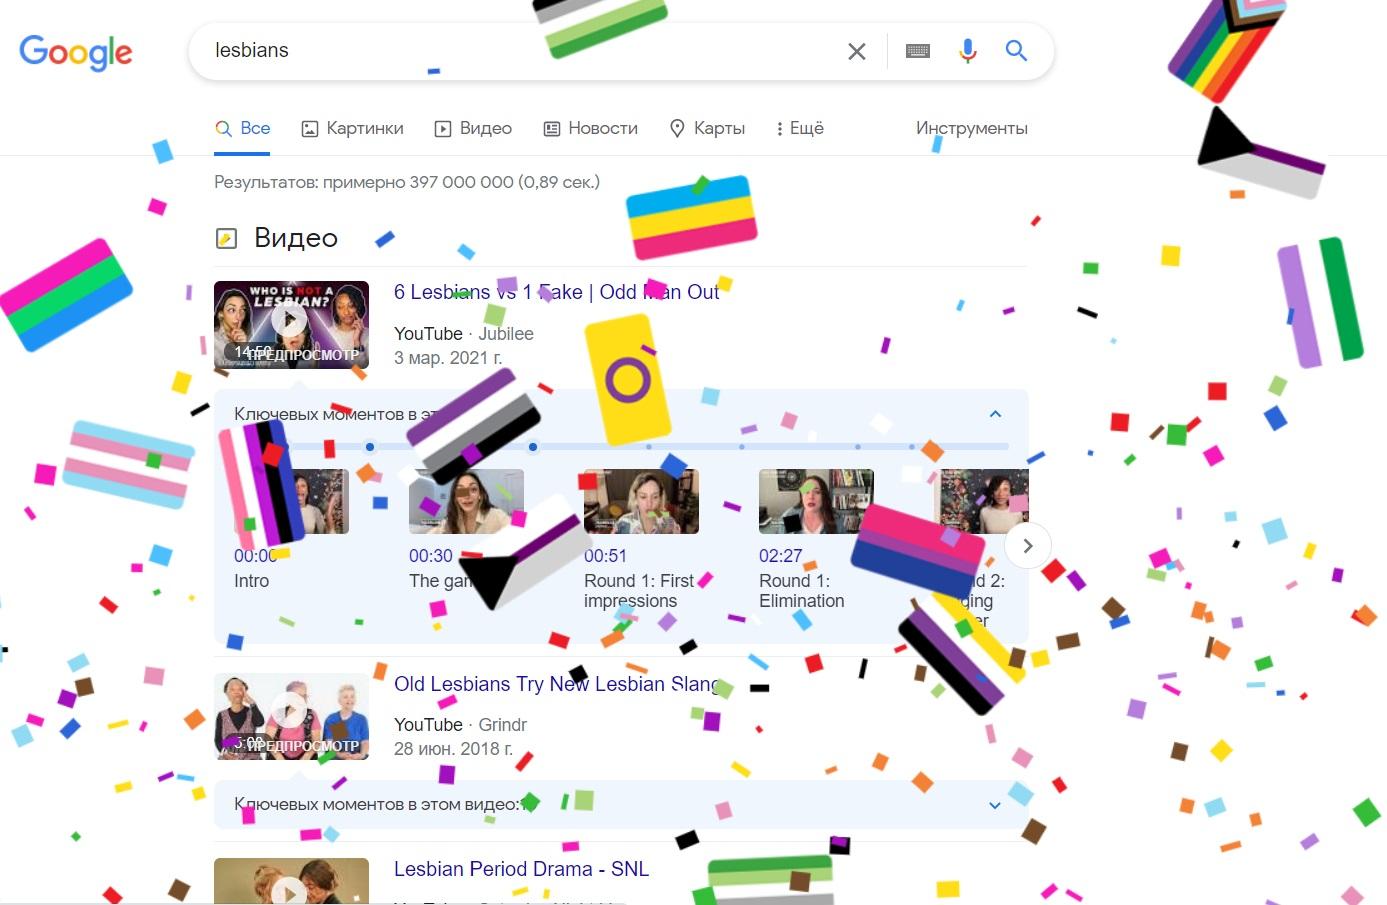 При вводе в поисковике Google названия одного из сообществ, появляется следующее